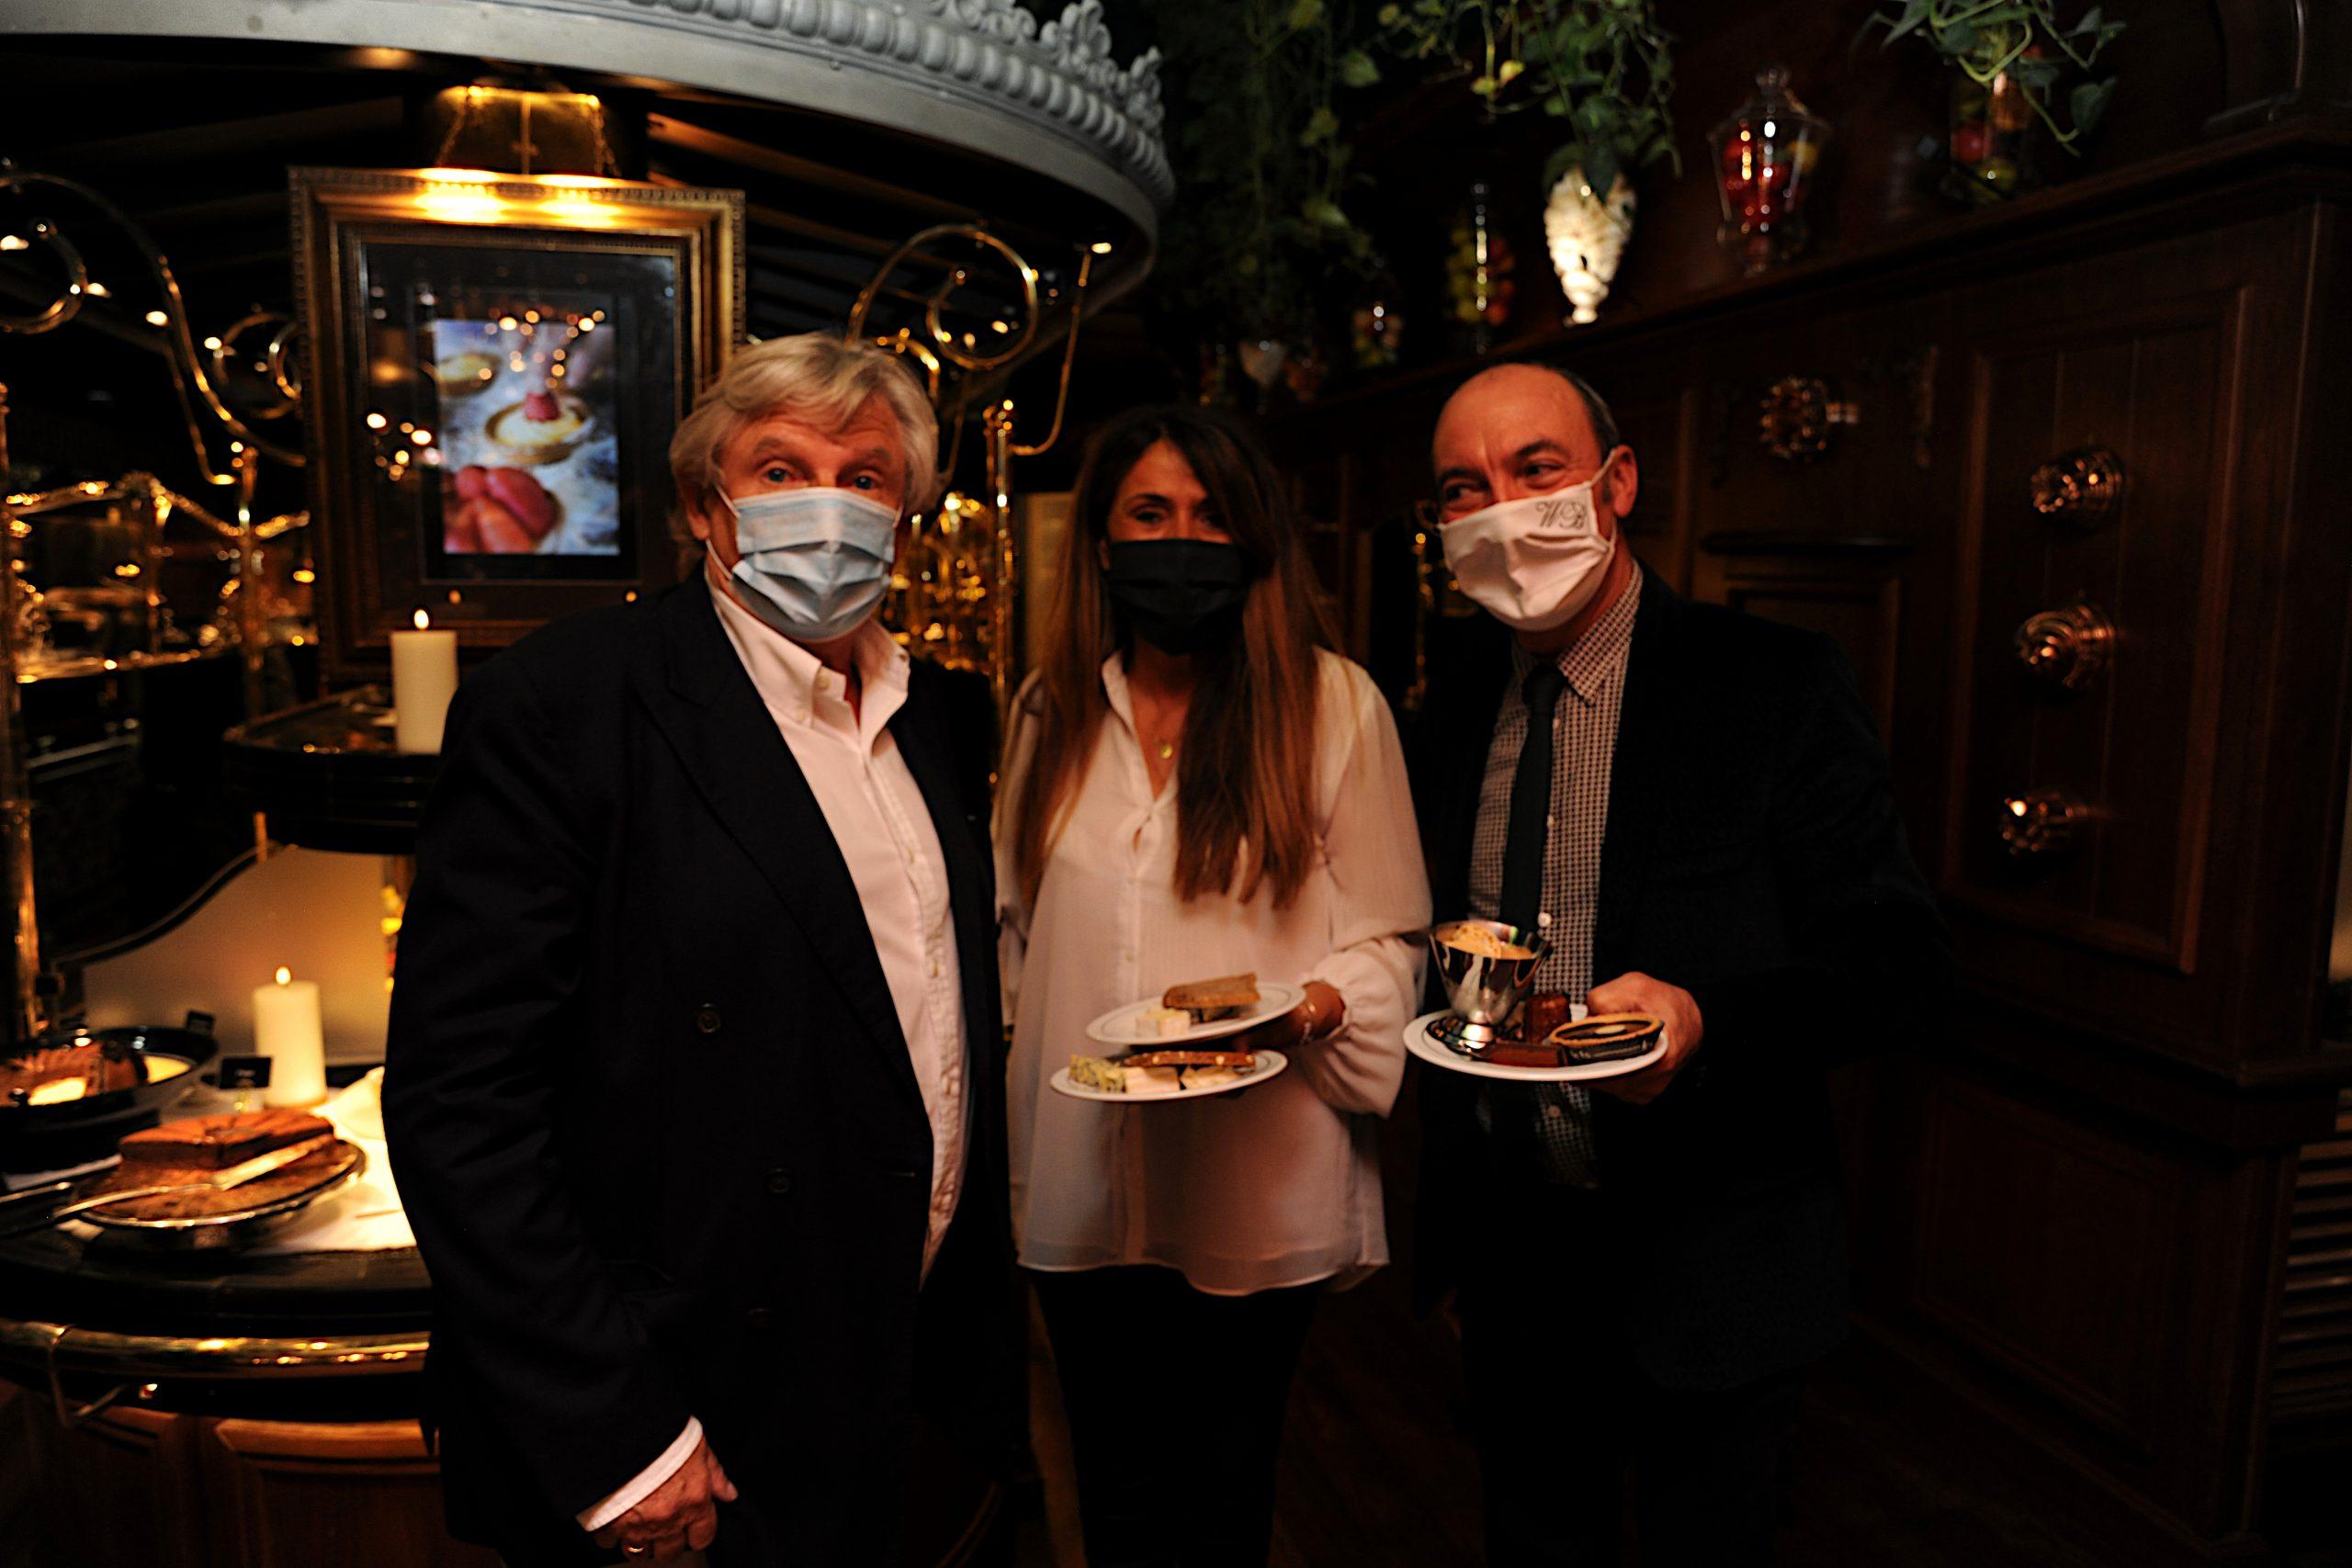 Louis Privat, à gauche, avec les premiers convives des GBN pour cette reprise des activités gustatives du restaurant. Photo © Christian Goutorbe